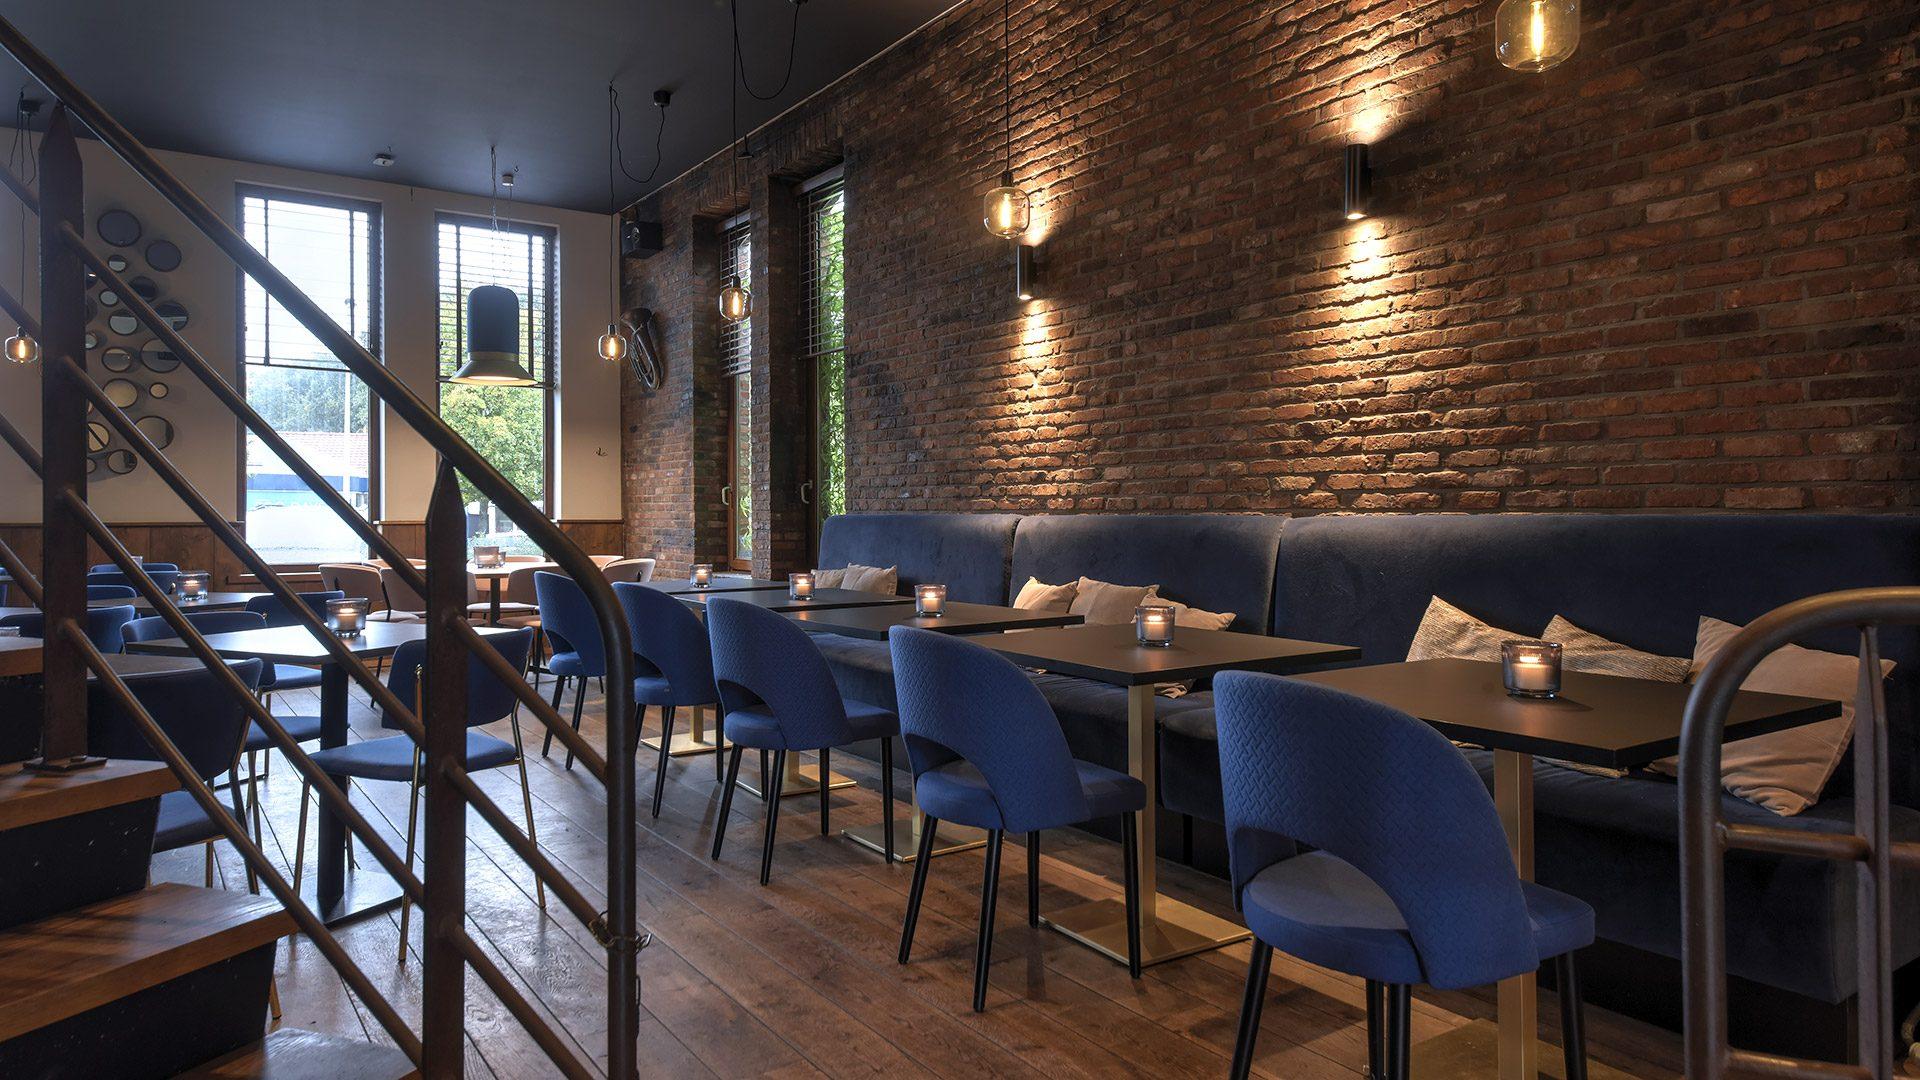 Grand-Café - Grand Café Paal 26